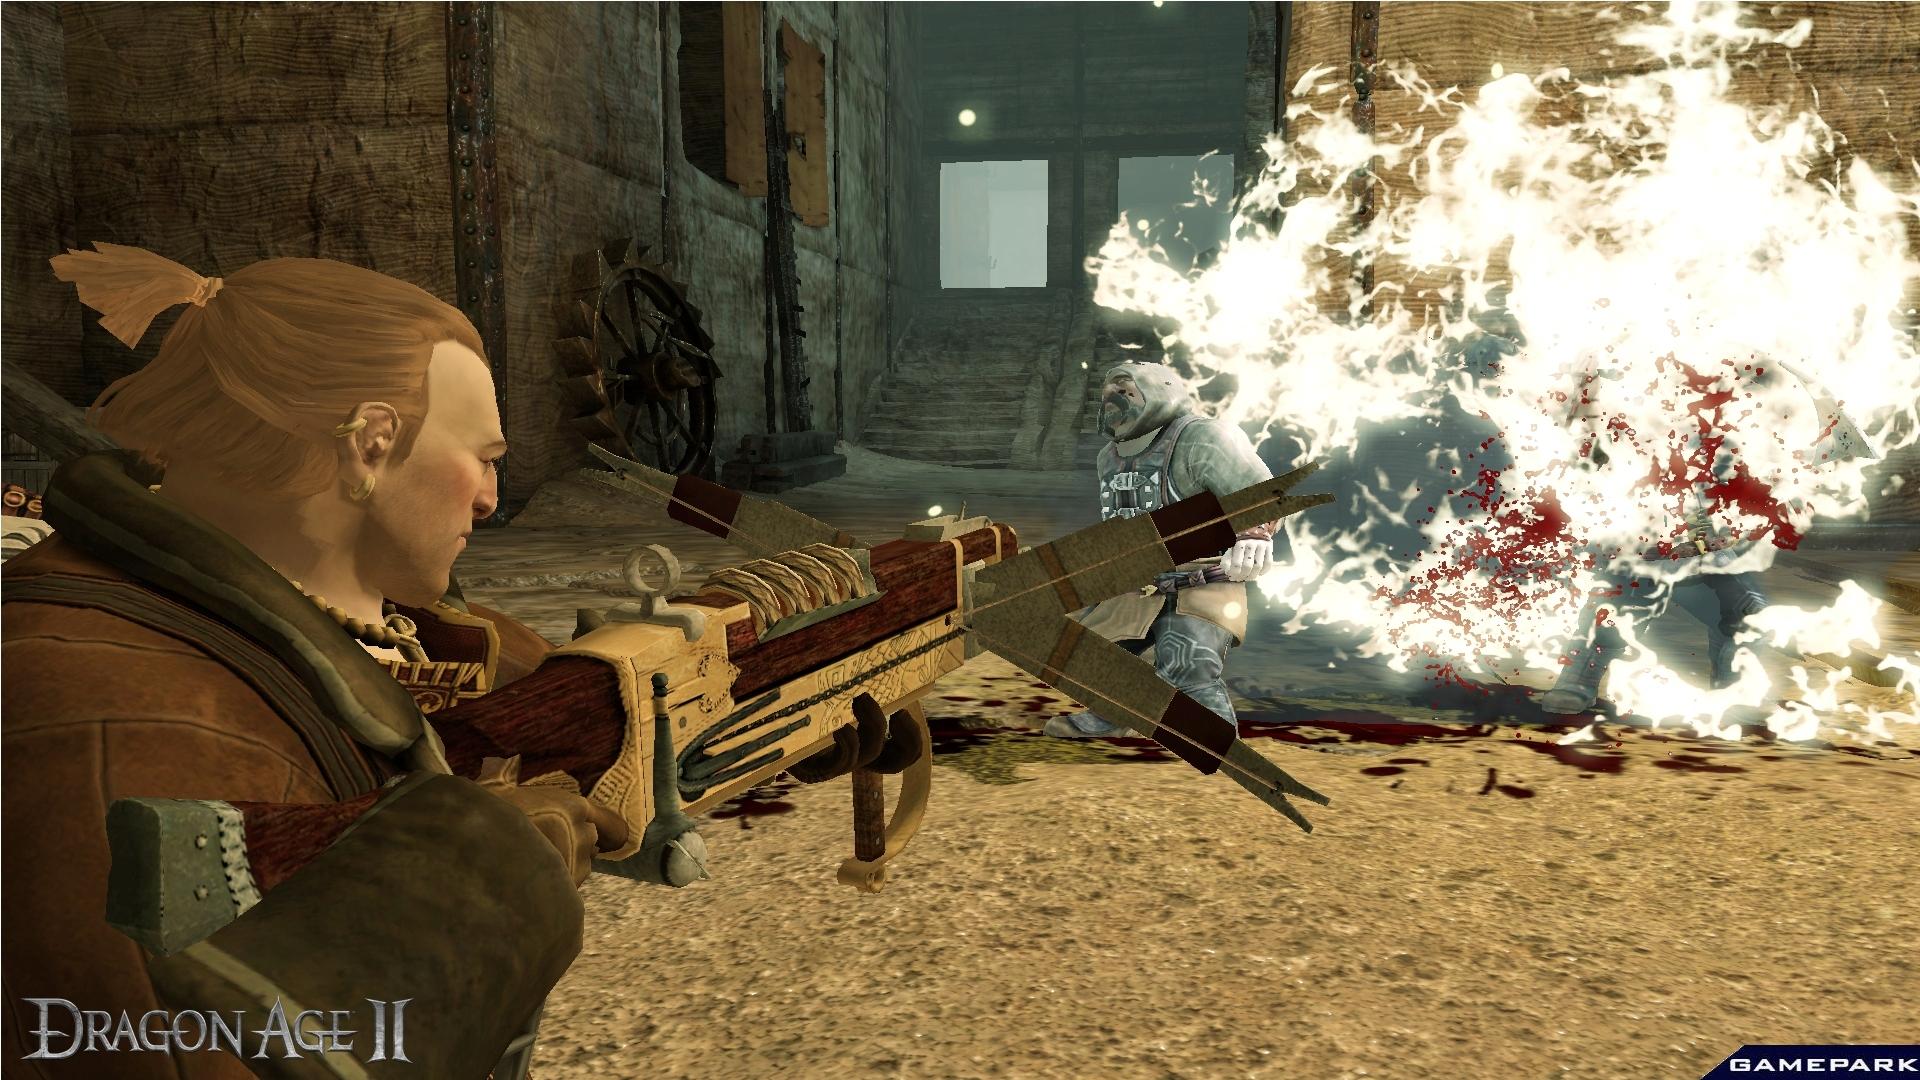 Dragon Age 2: Детальное прохождение - PlayGround ru